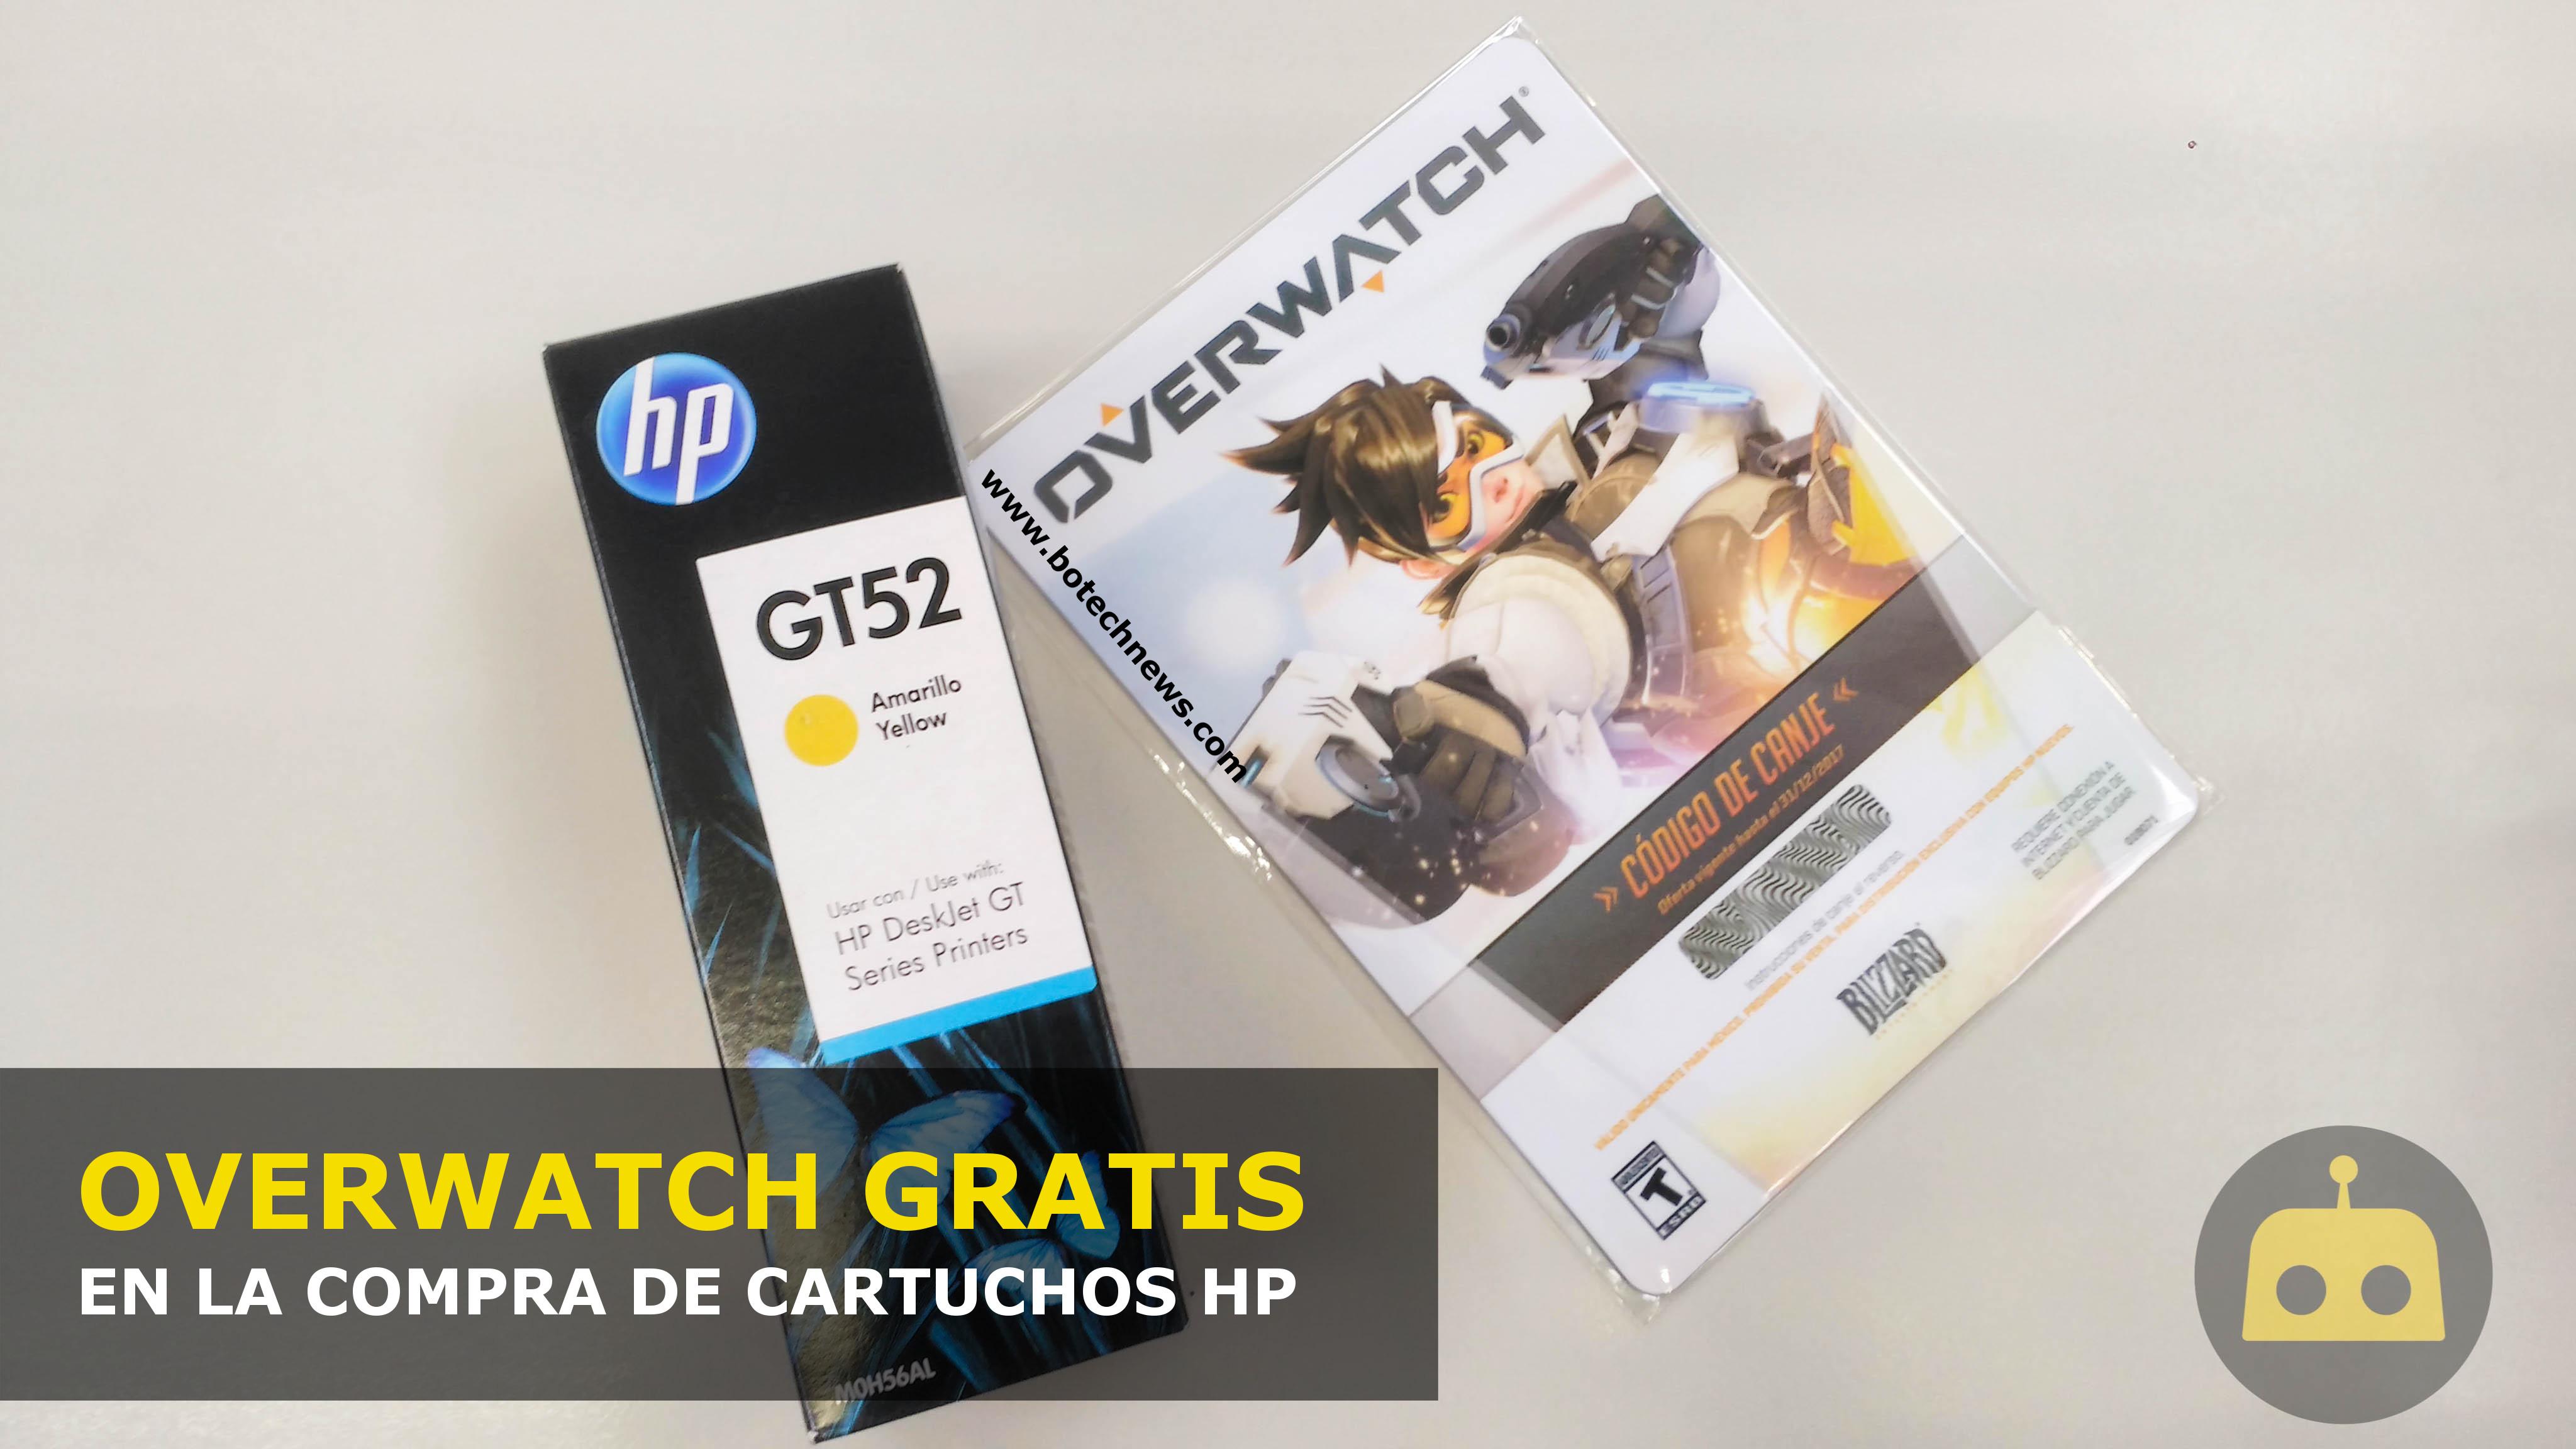 ACTUALIZADA  OfficeDepot regala Overwatch por error en la compra de  cartuchos de tinta HP  df6611fc58eb